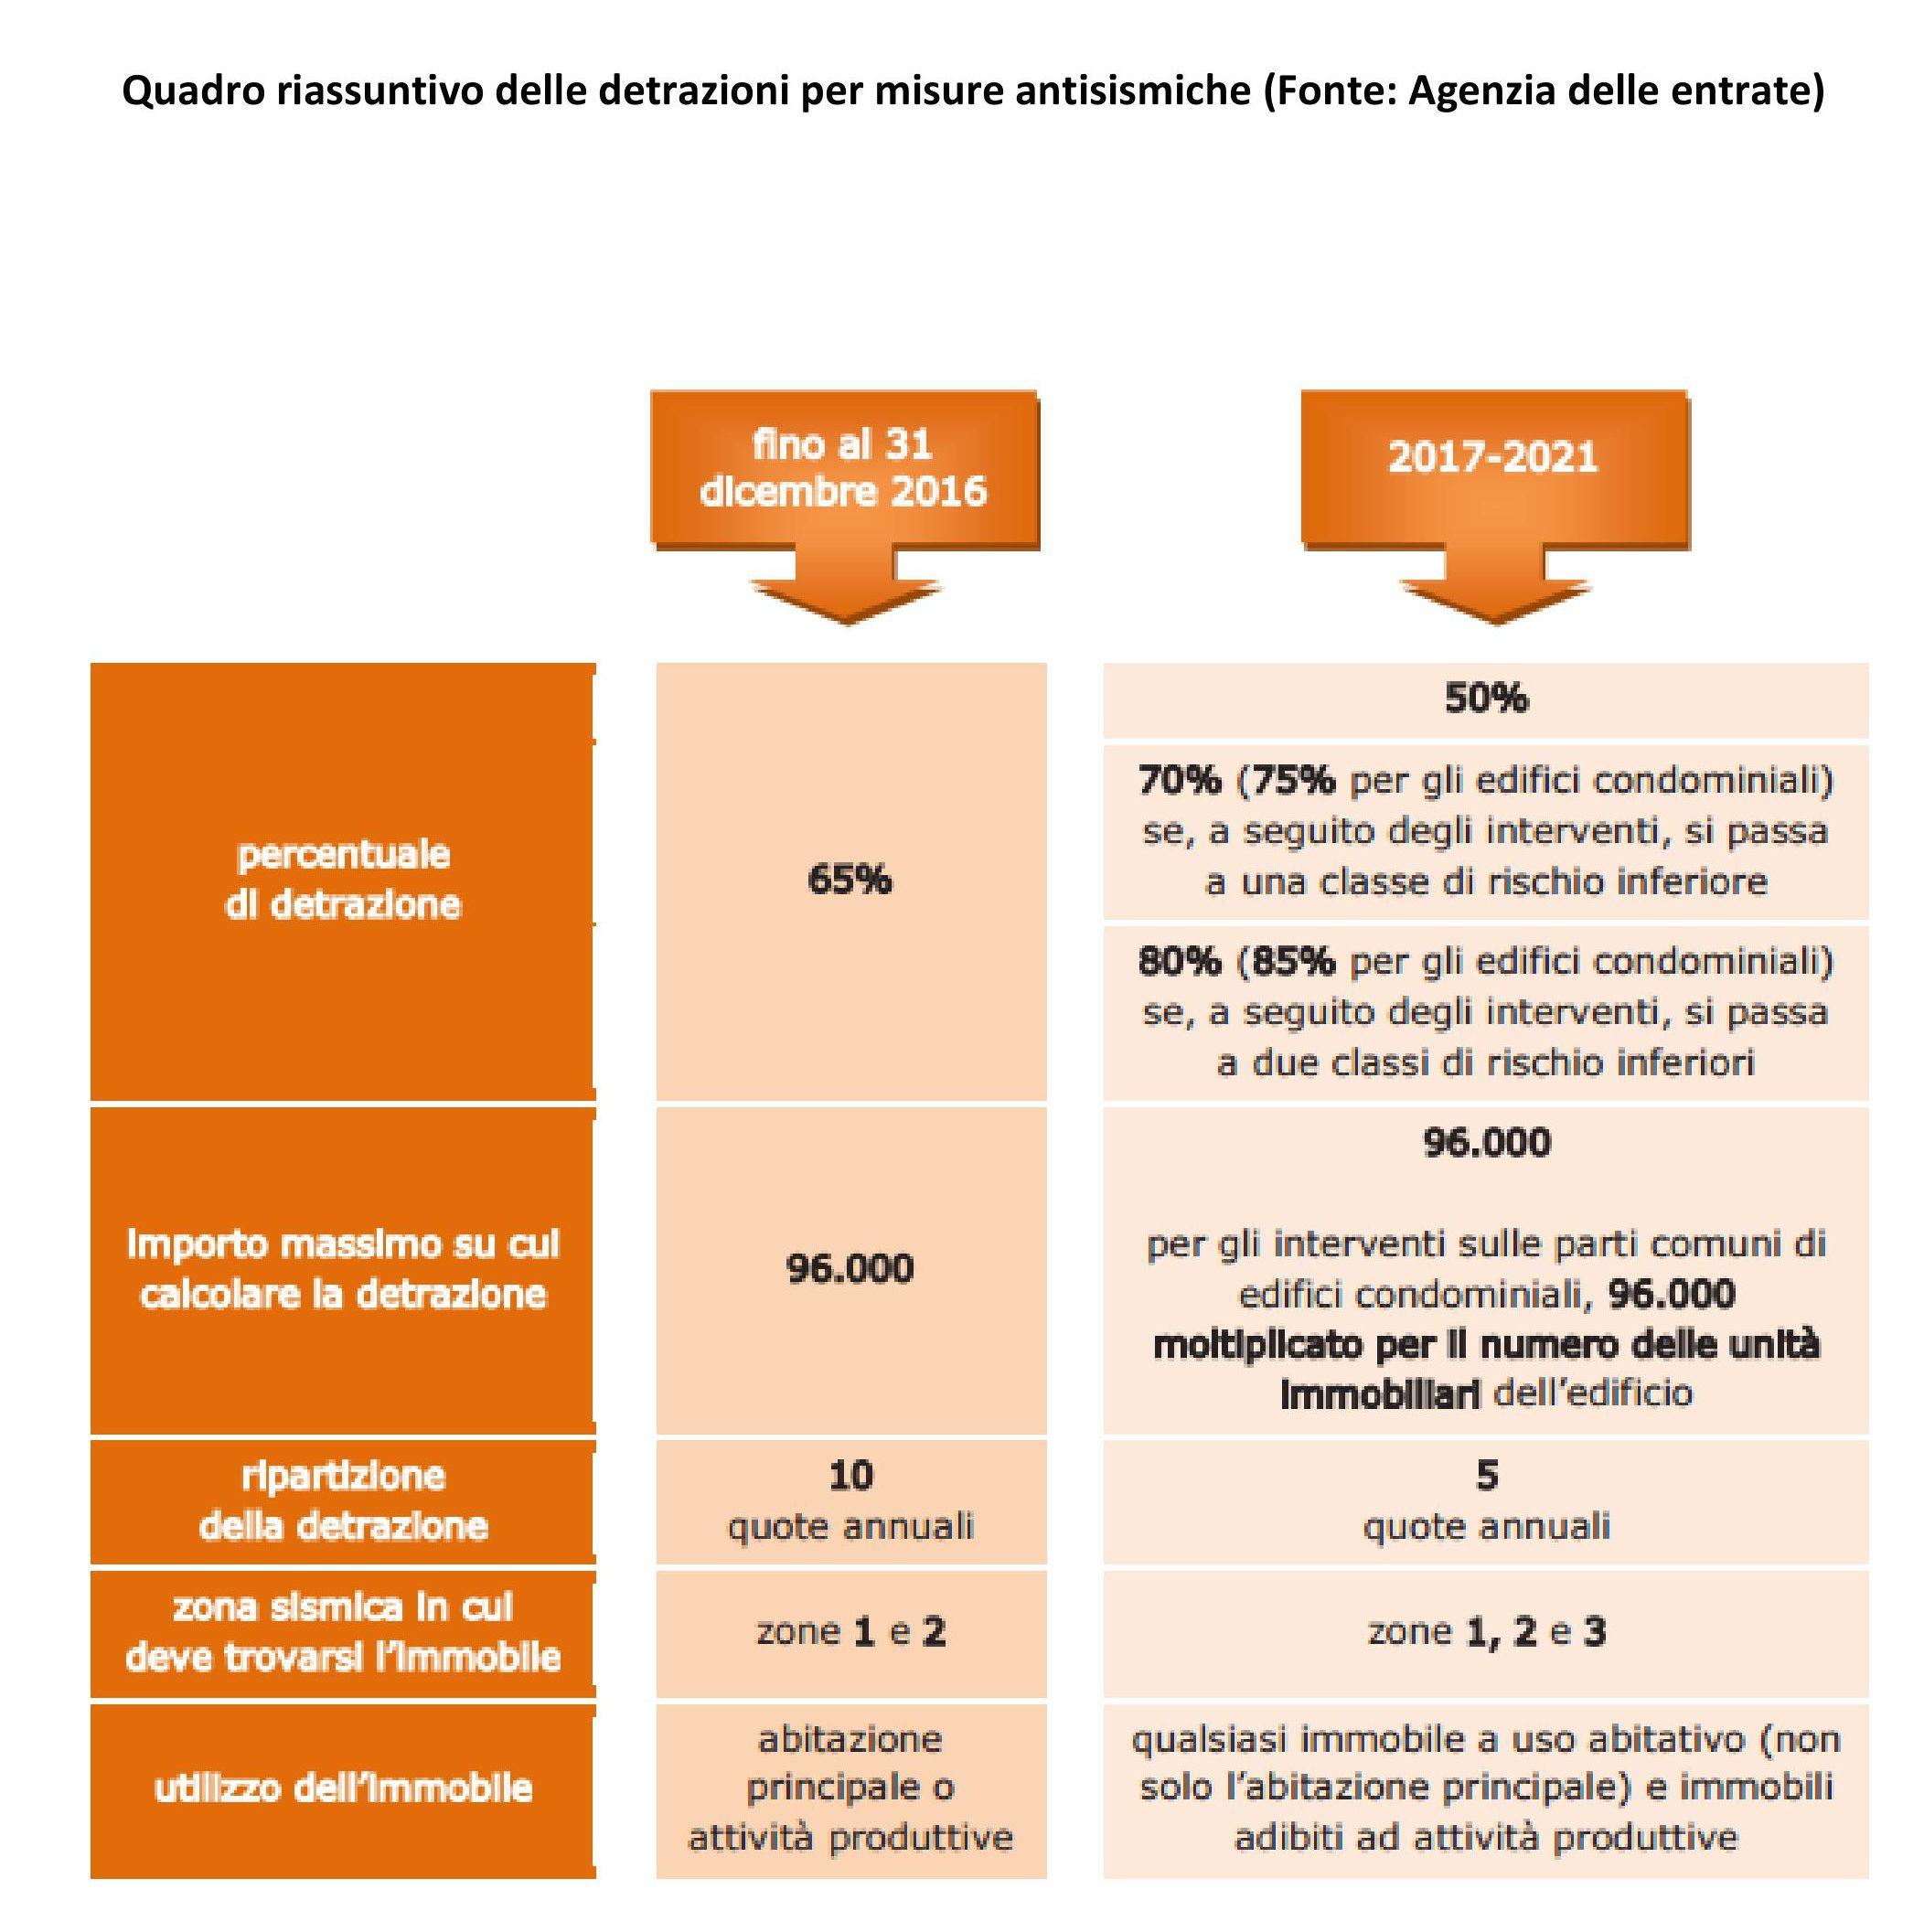 detrazioni fiscali per le ristrutturazioni edilizie 2017 ForDetrazioni Fiscali Per Ristrutturazione 2017